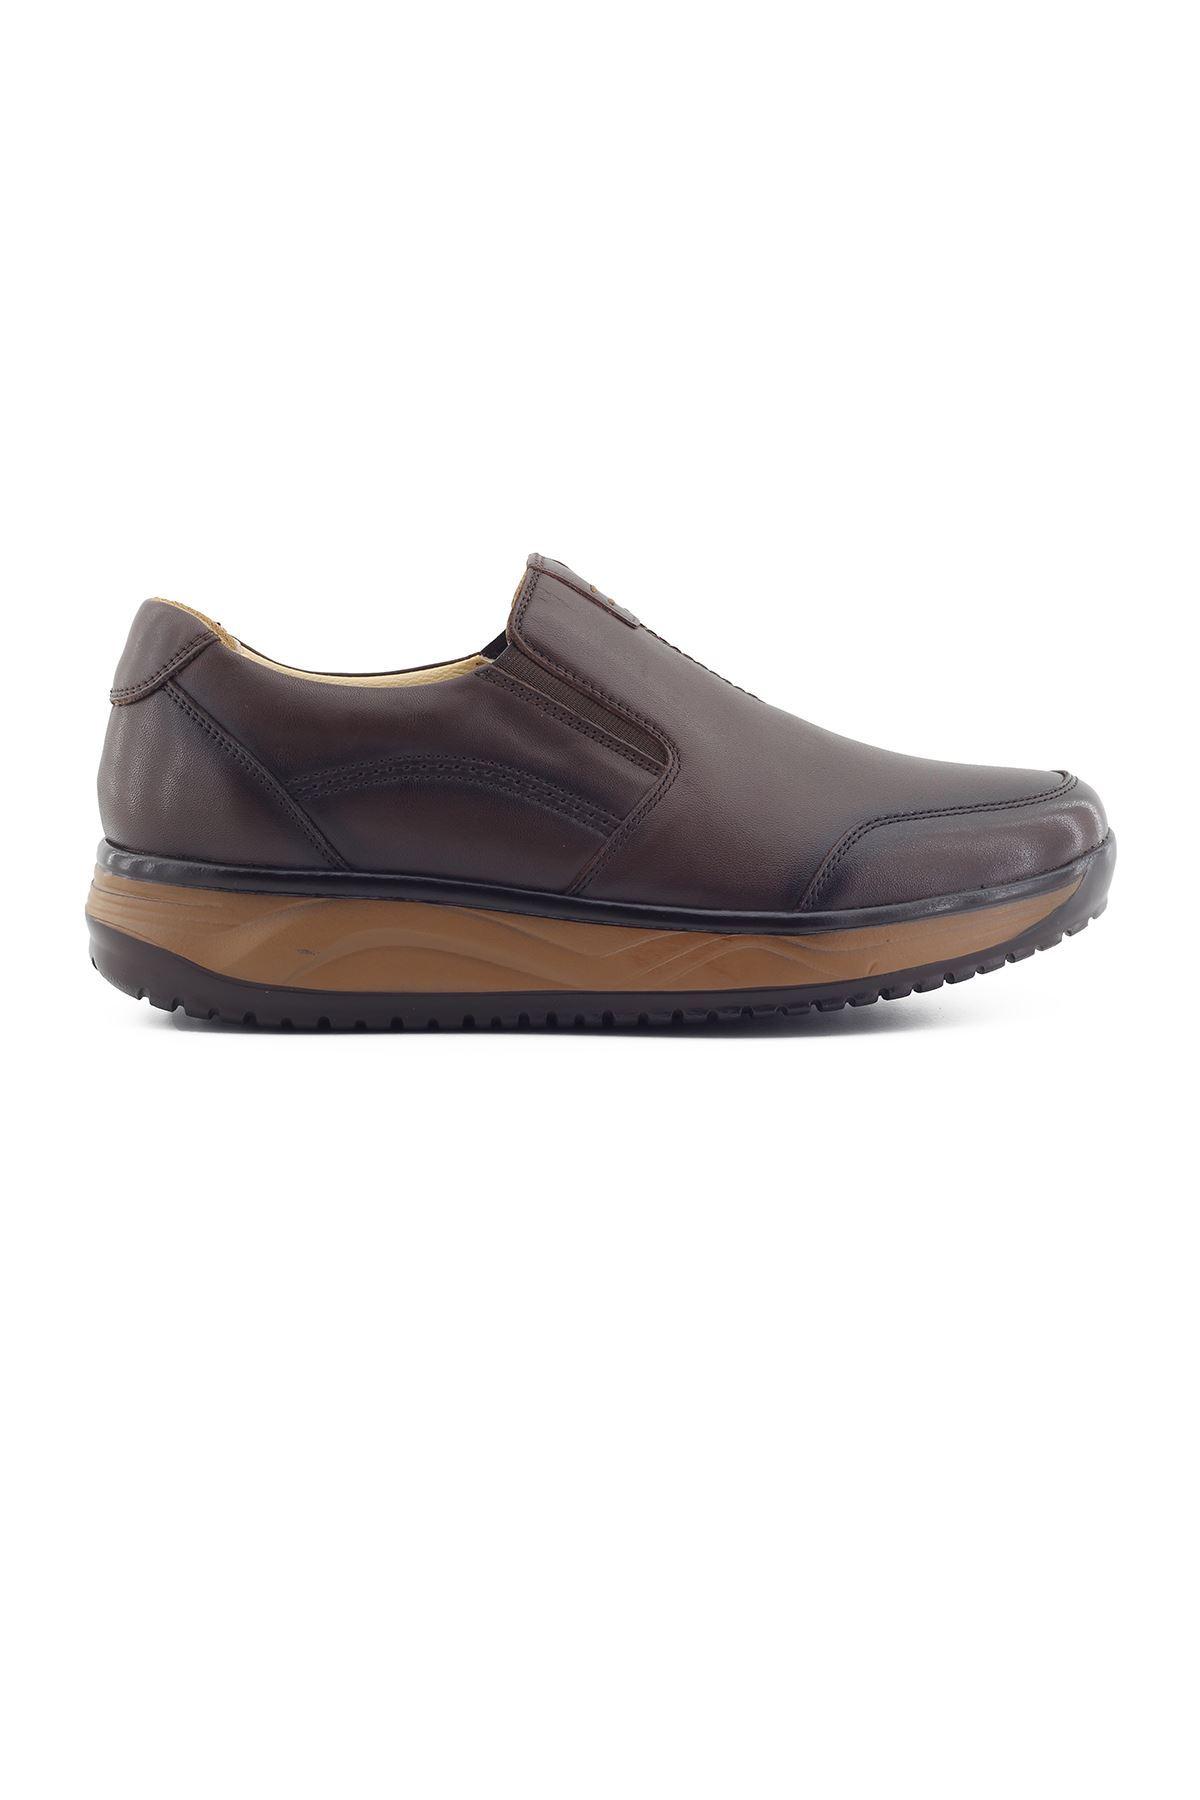 1650 Kahve Erkek Büyük Numara Yürüyüş Ayakkabısı (45-46)